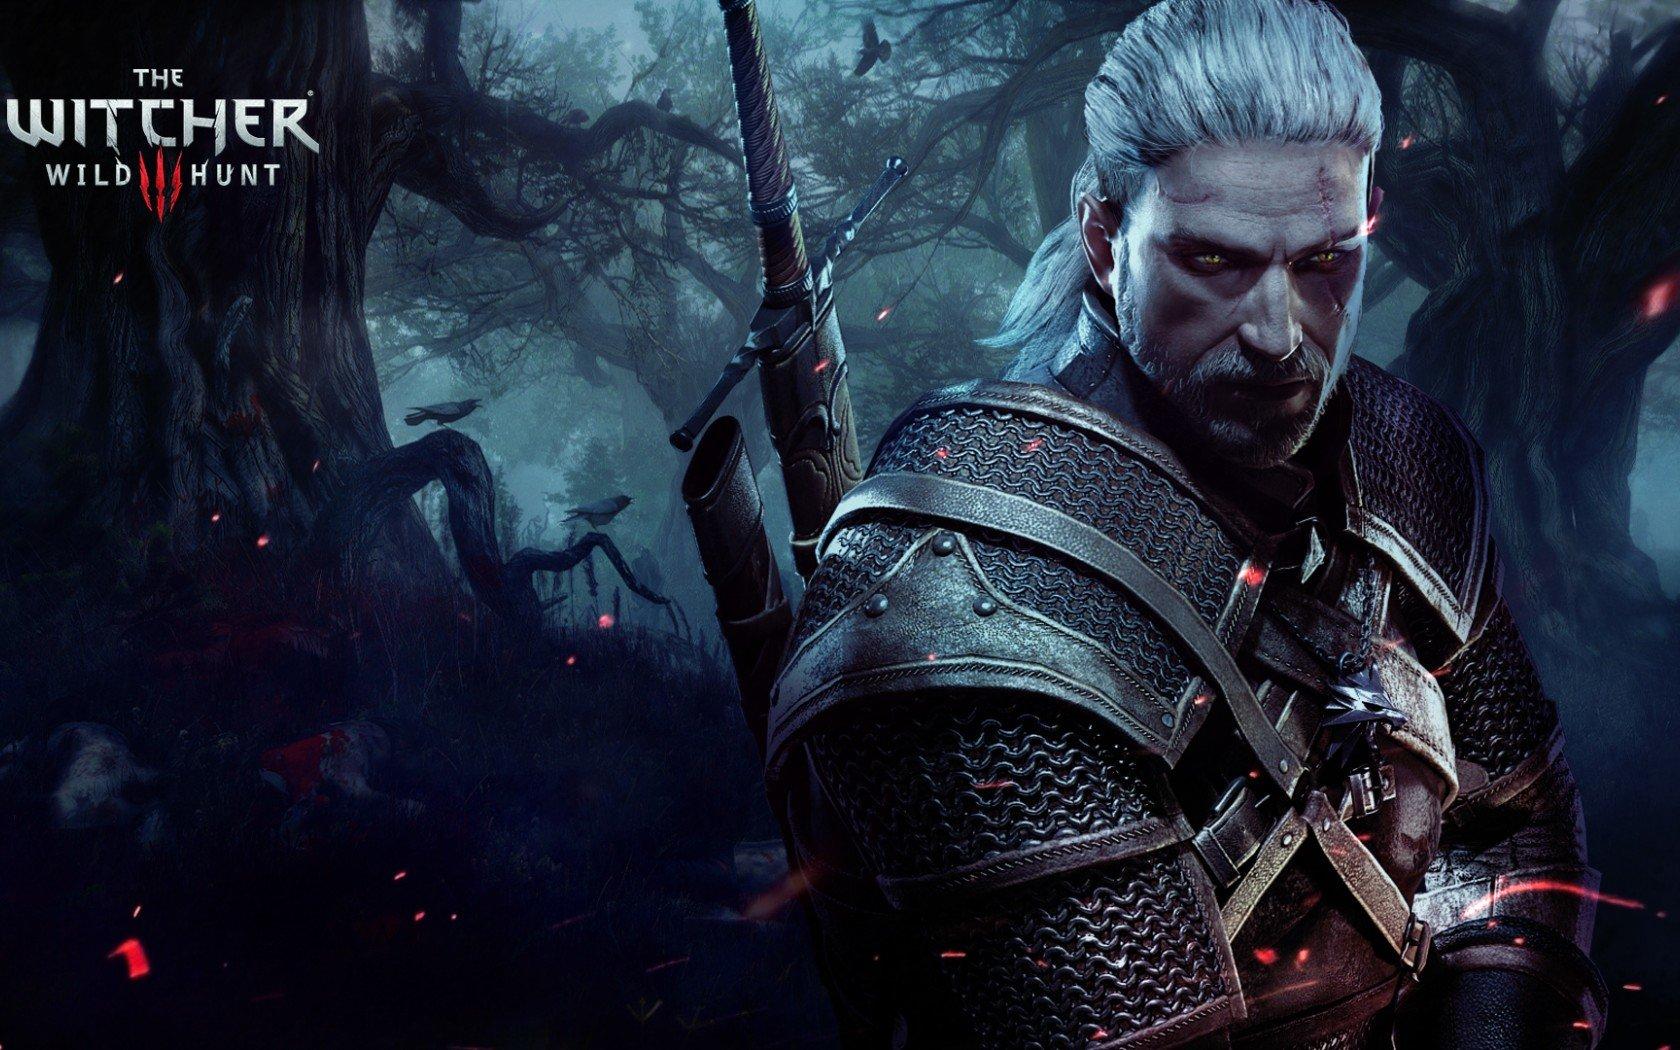 The Witcher 3: Wild Hunt. Оценки!  GameSpot — 10/10  Одна из лучших игр в истории  GameGuru - 10/10 Gameswelt - 10/ .... - Изображение 2